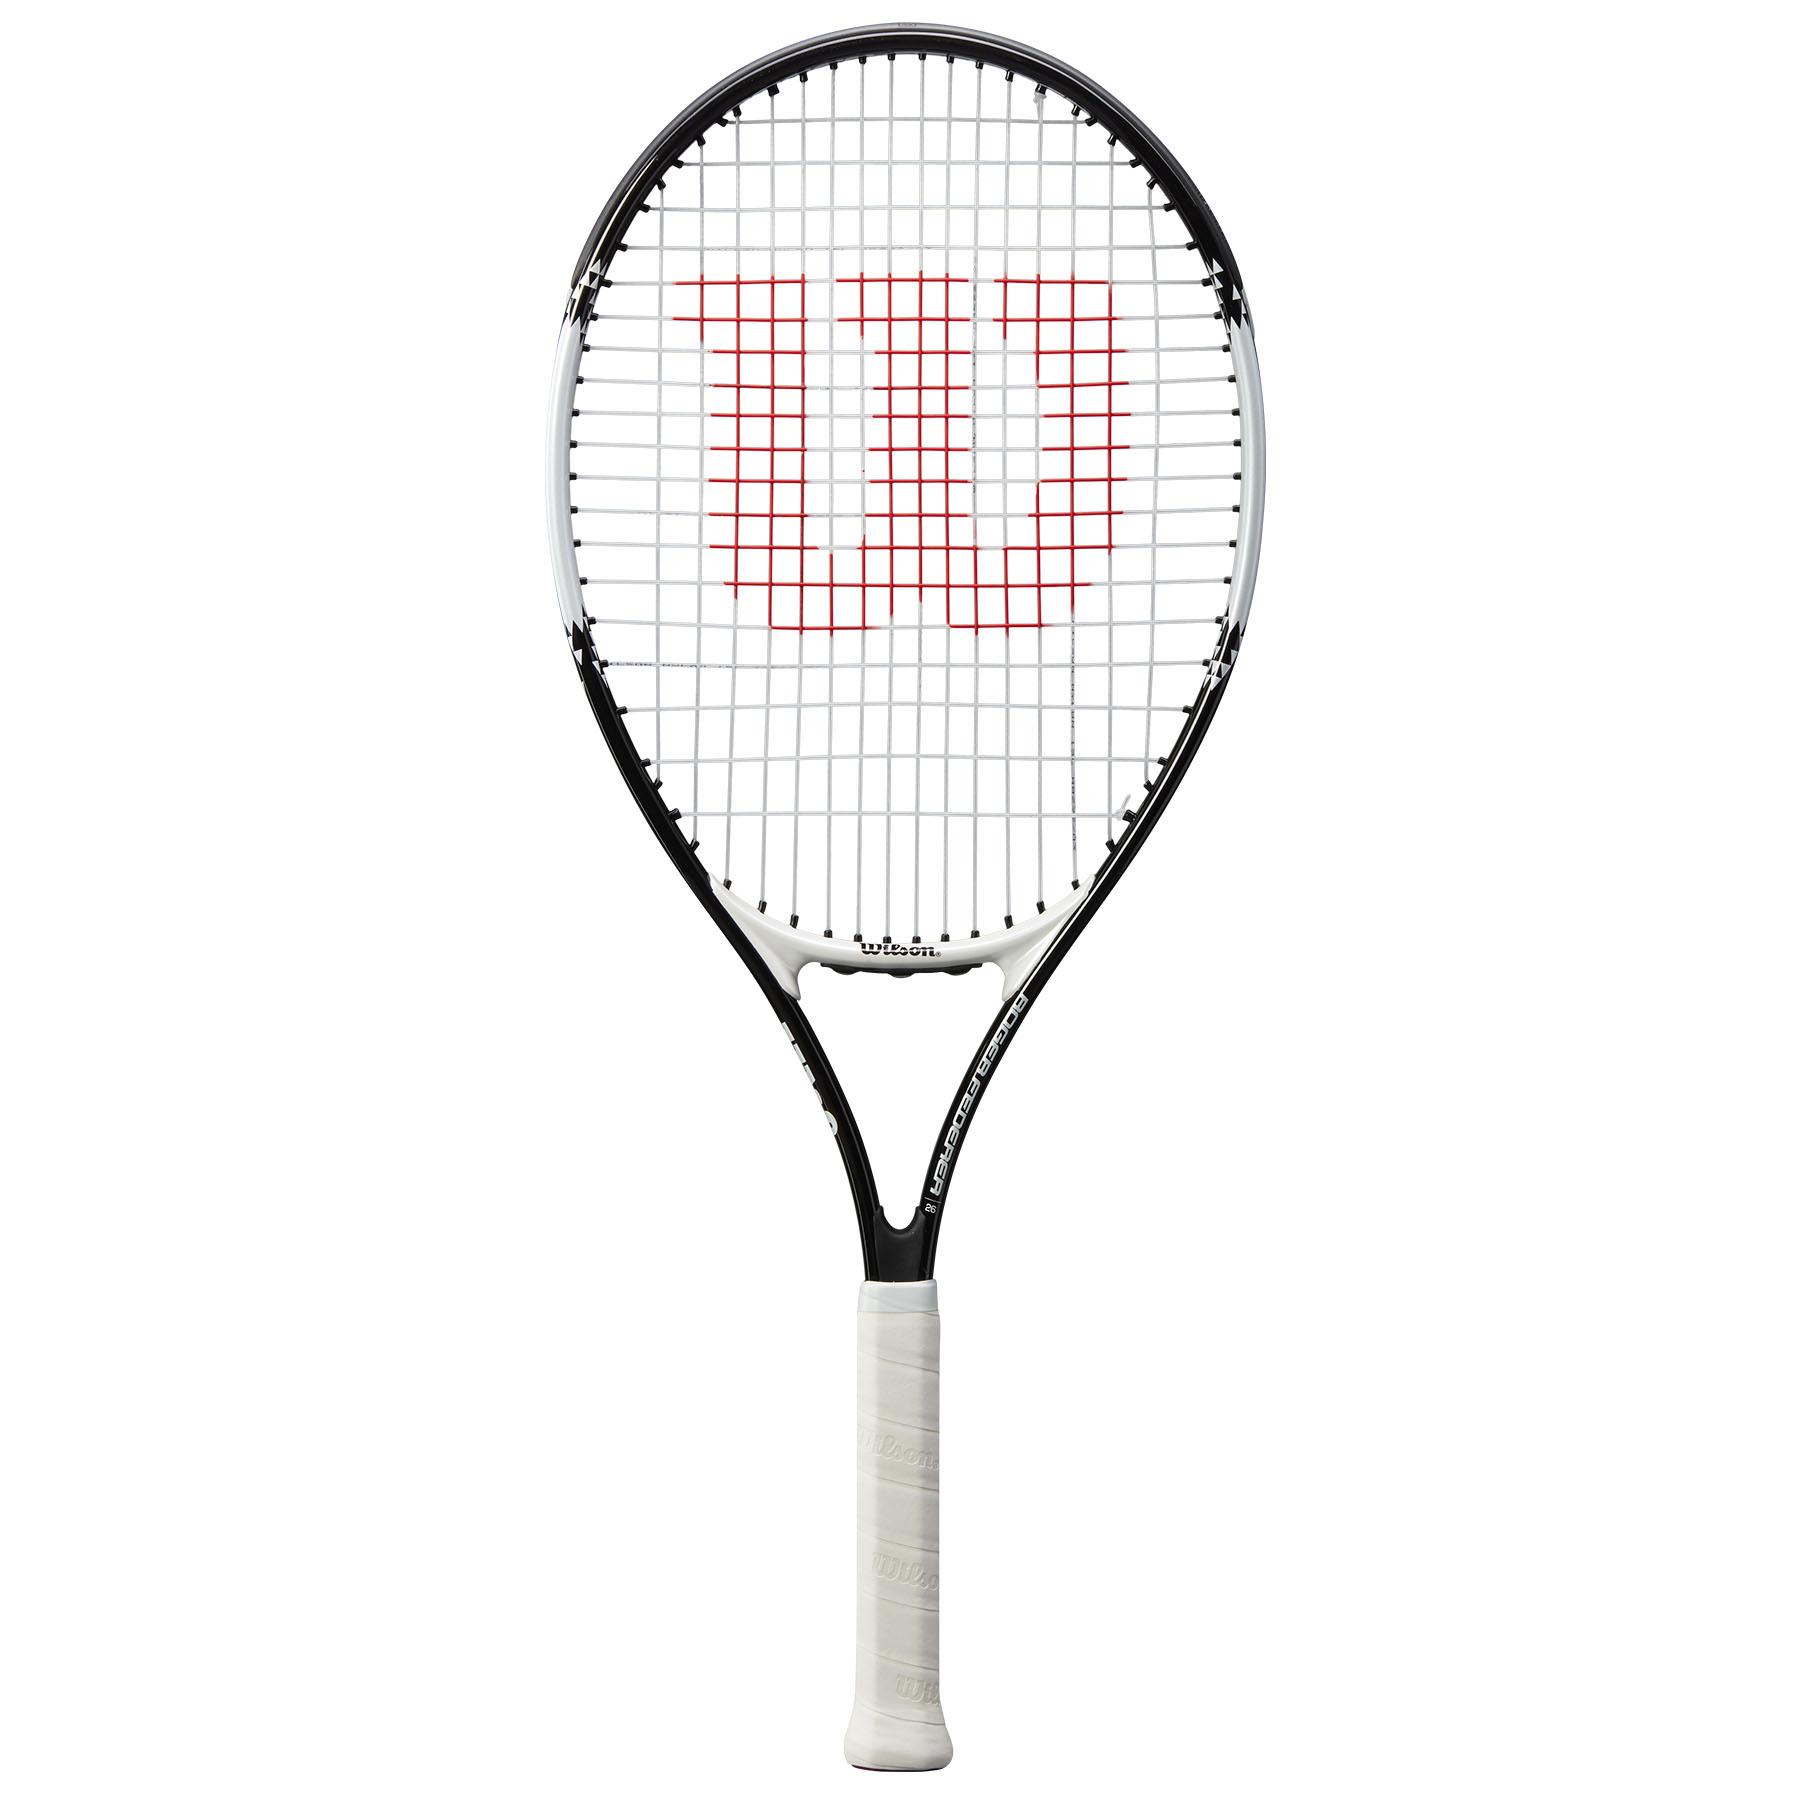 Image of Wilson Roger Federer 26 Junior Tennis Racket